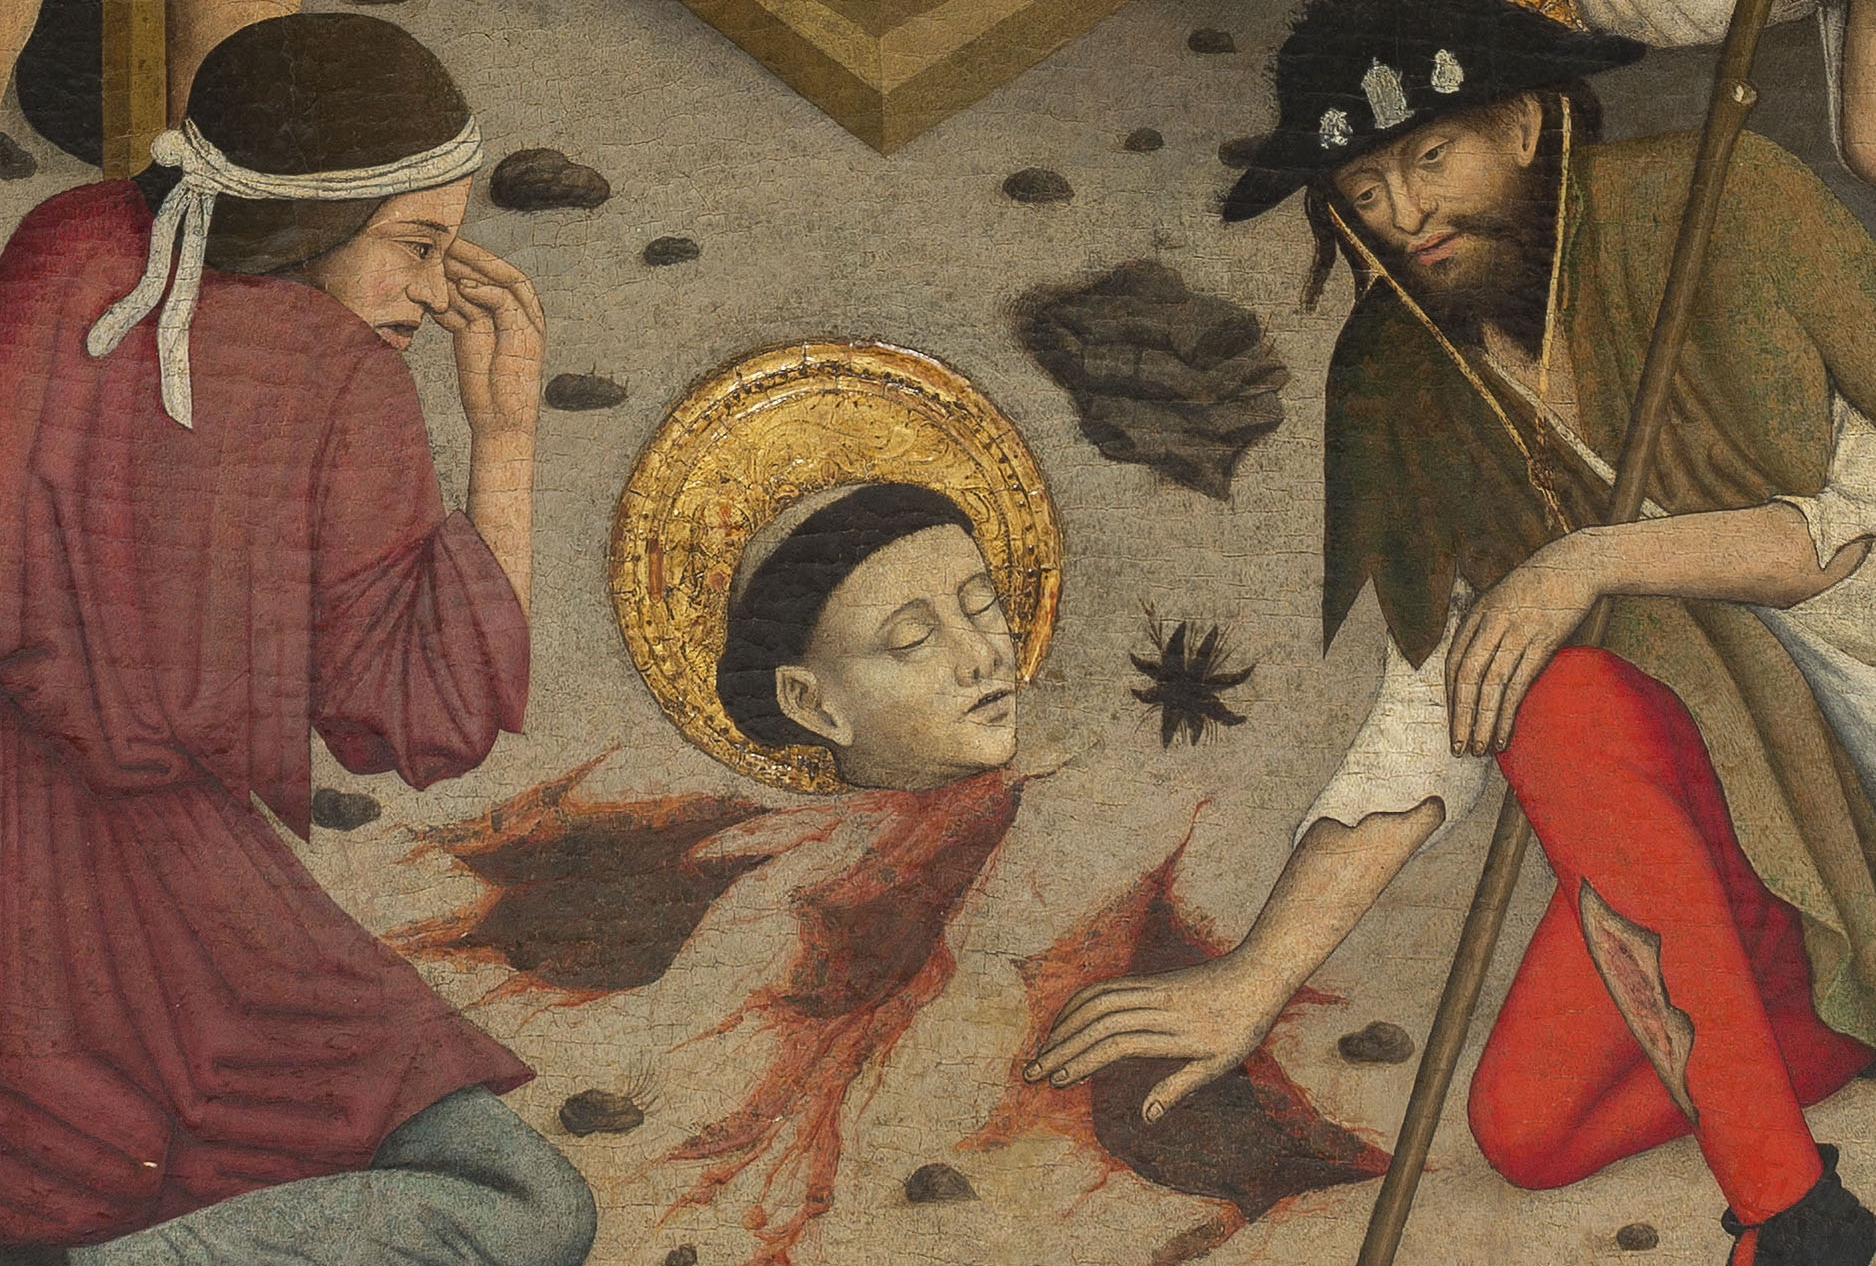 Decapitación de san Baudilio (detalle), Lluís Dalmau, hacia 1448